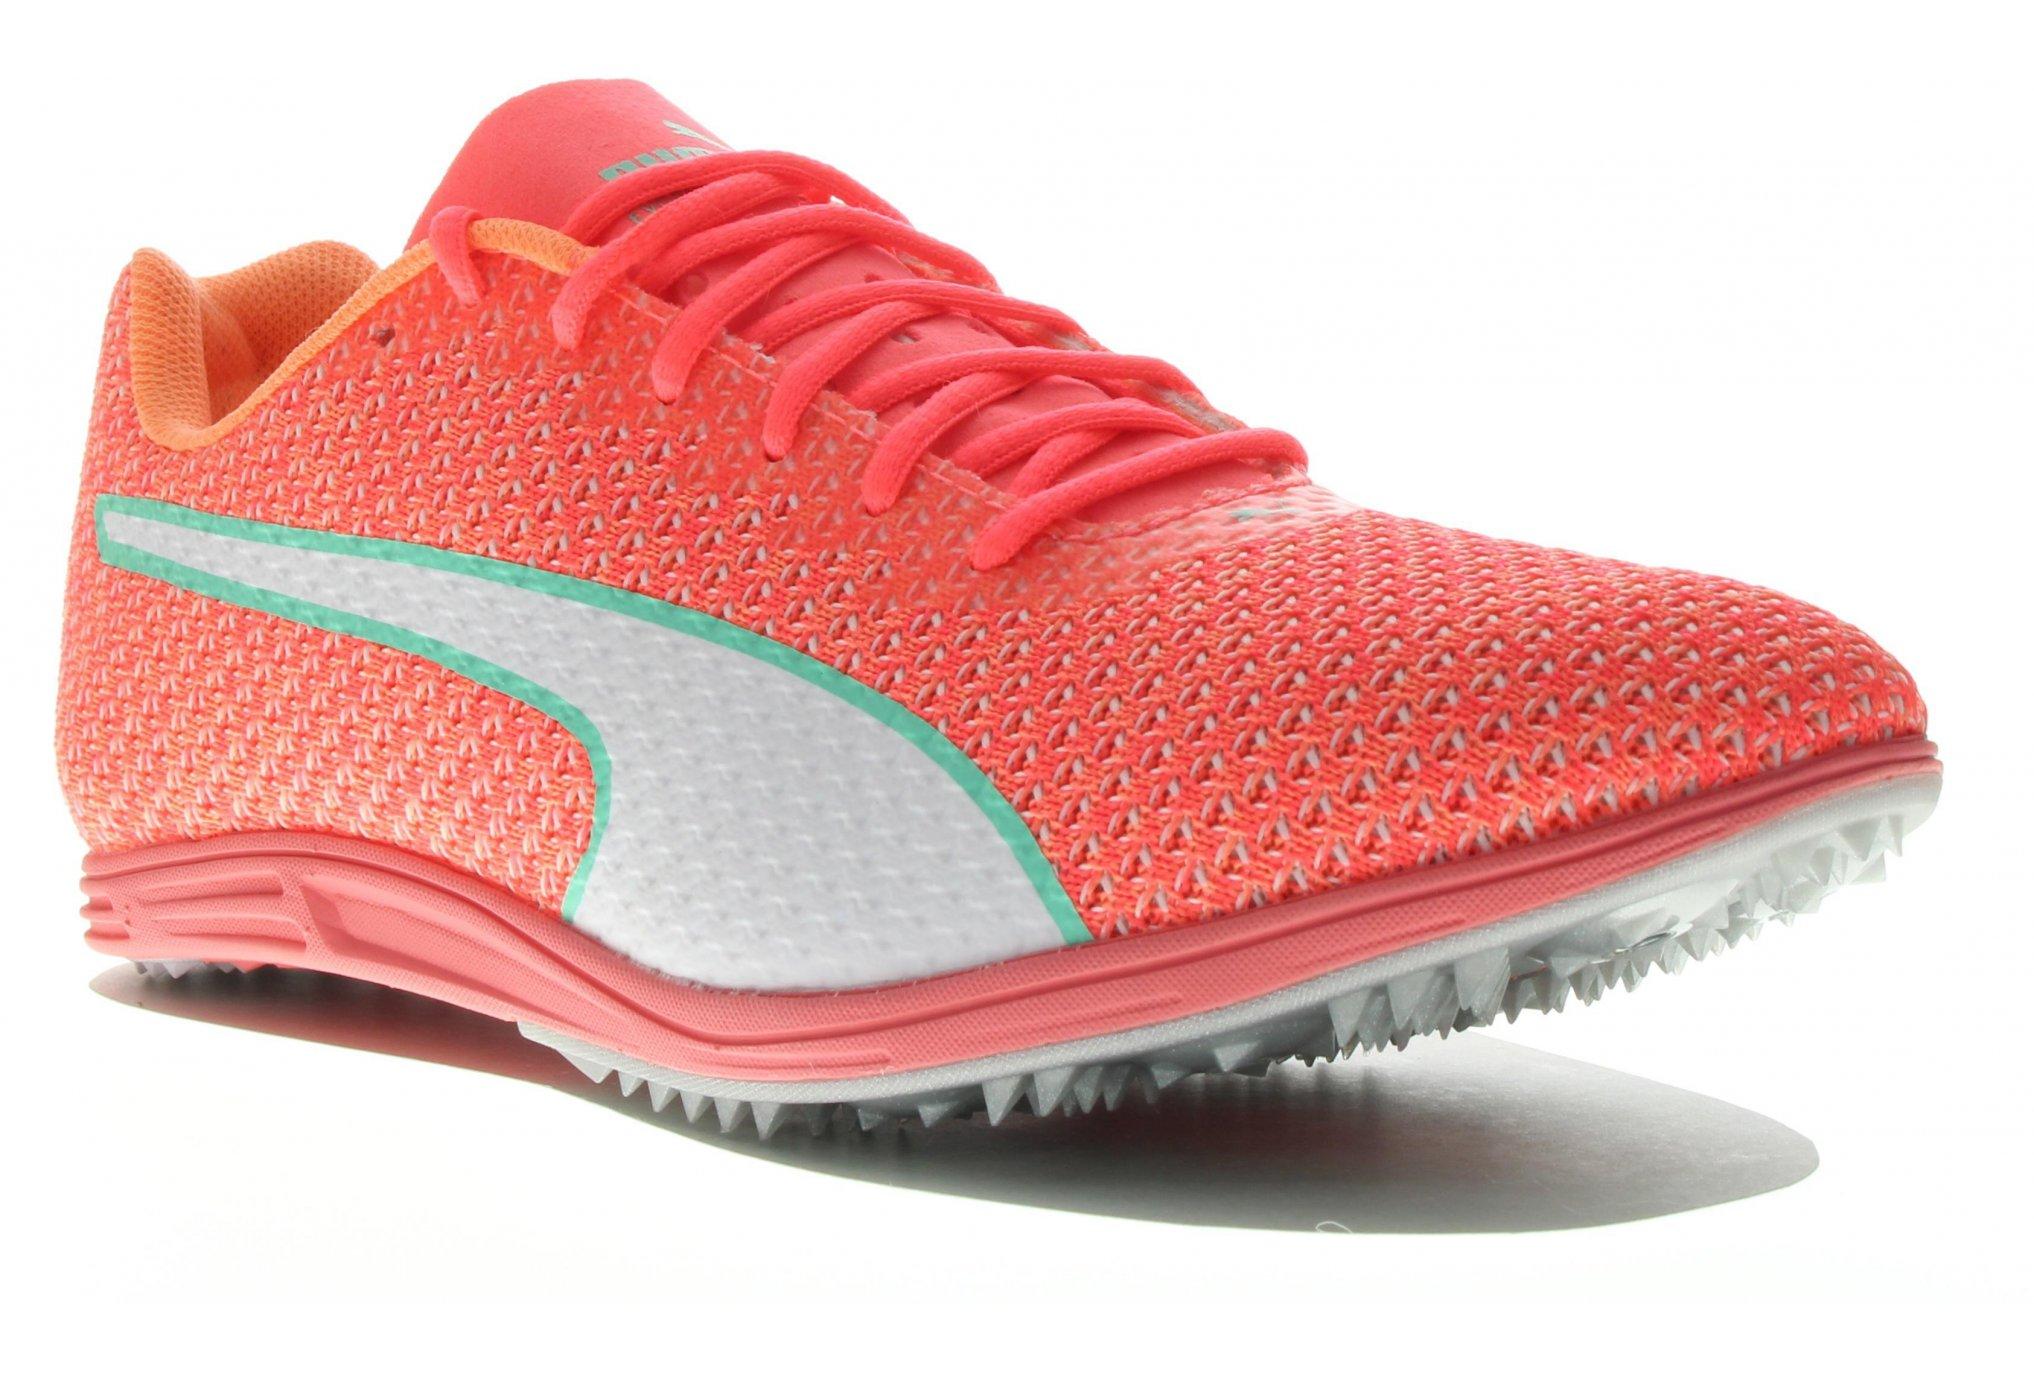 Puma EvoSpeed Distance 8 W Chaussures running femme